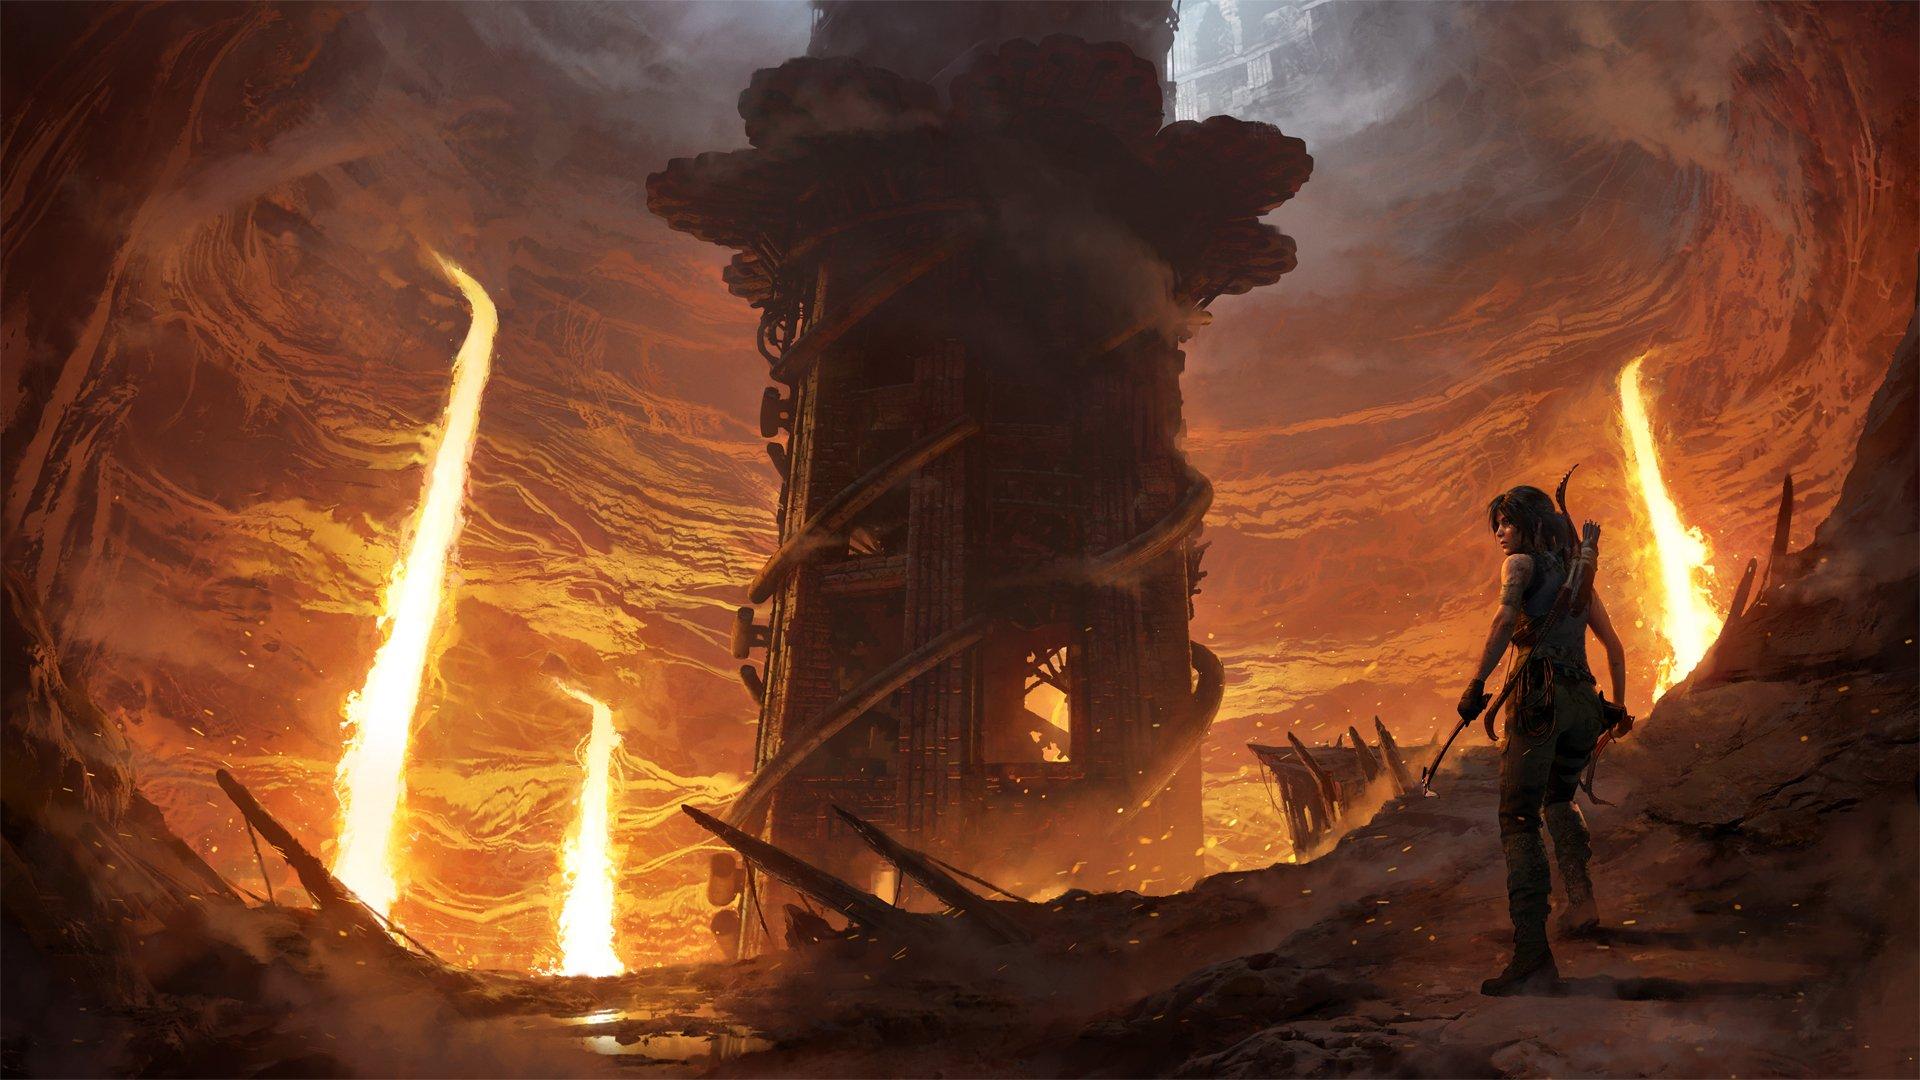 la-fragua-es-el-primer-dlc2-de-shadow-of-the-tomb-raider-frikigamers.com